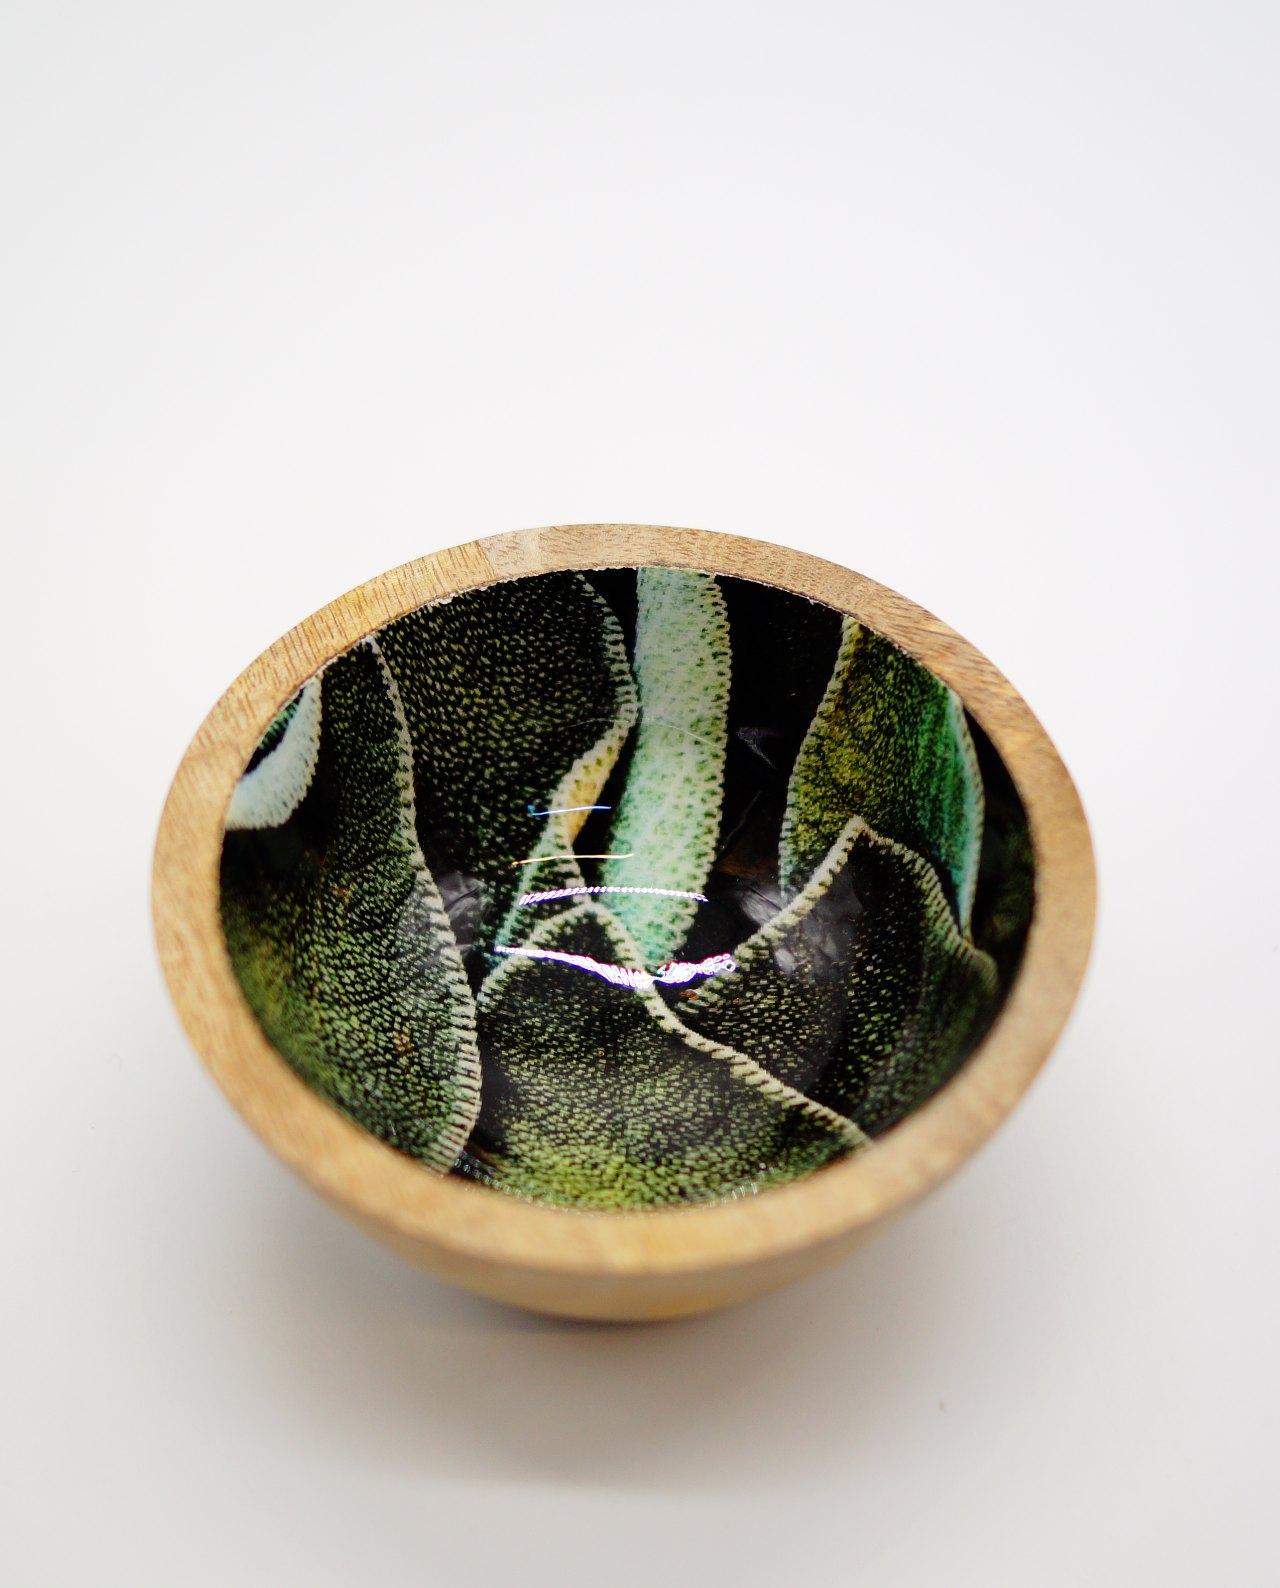 Μπωλ ξύλινο από ξύλο Mango ανοιχτόχρωμο καφέ με σχέδιο φύλλων εσωτερικά